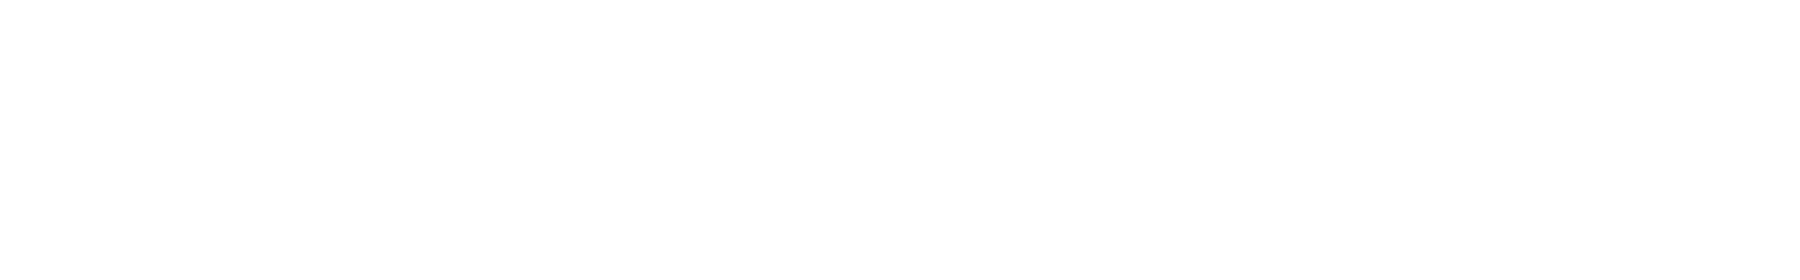 24 synth loop c